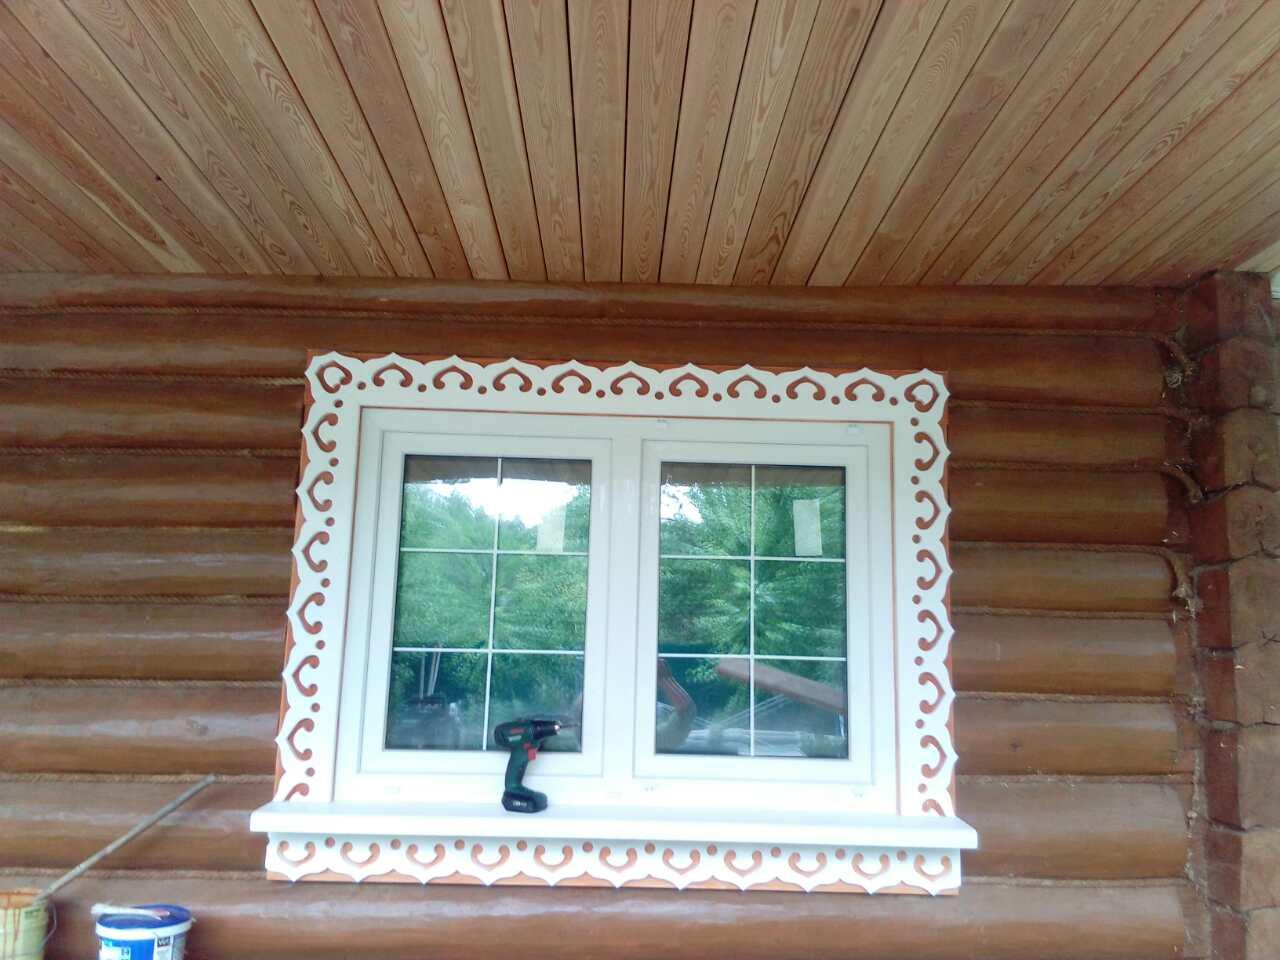 Объект № 54. Внутренняя отделка, внешняя отделка деревом